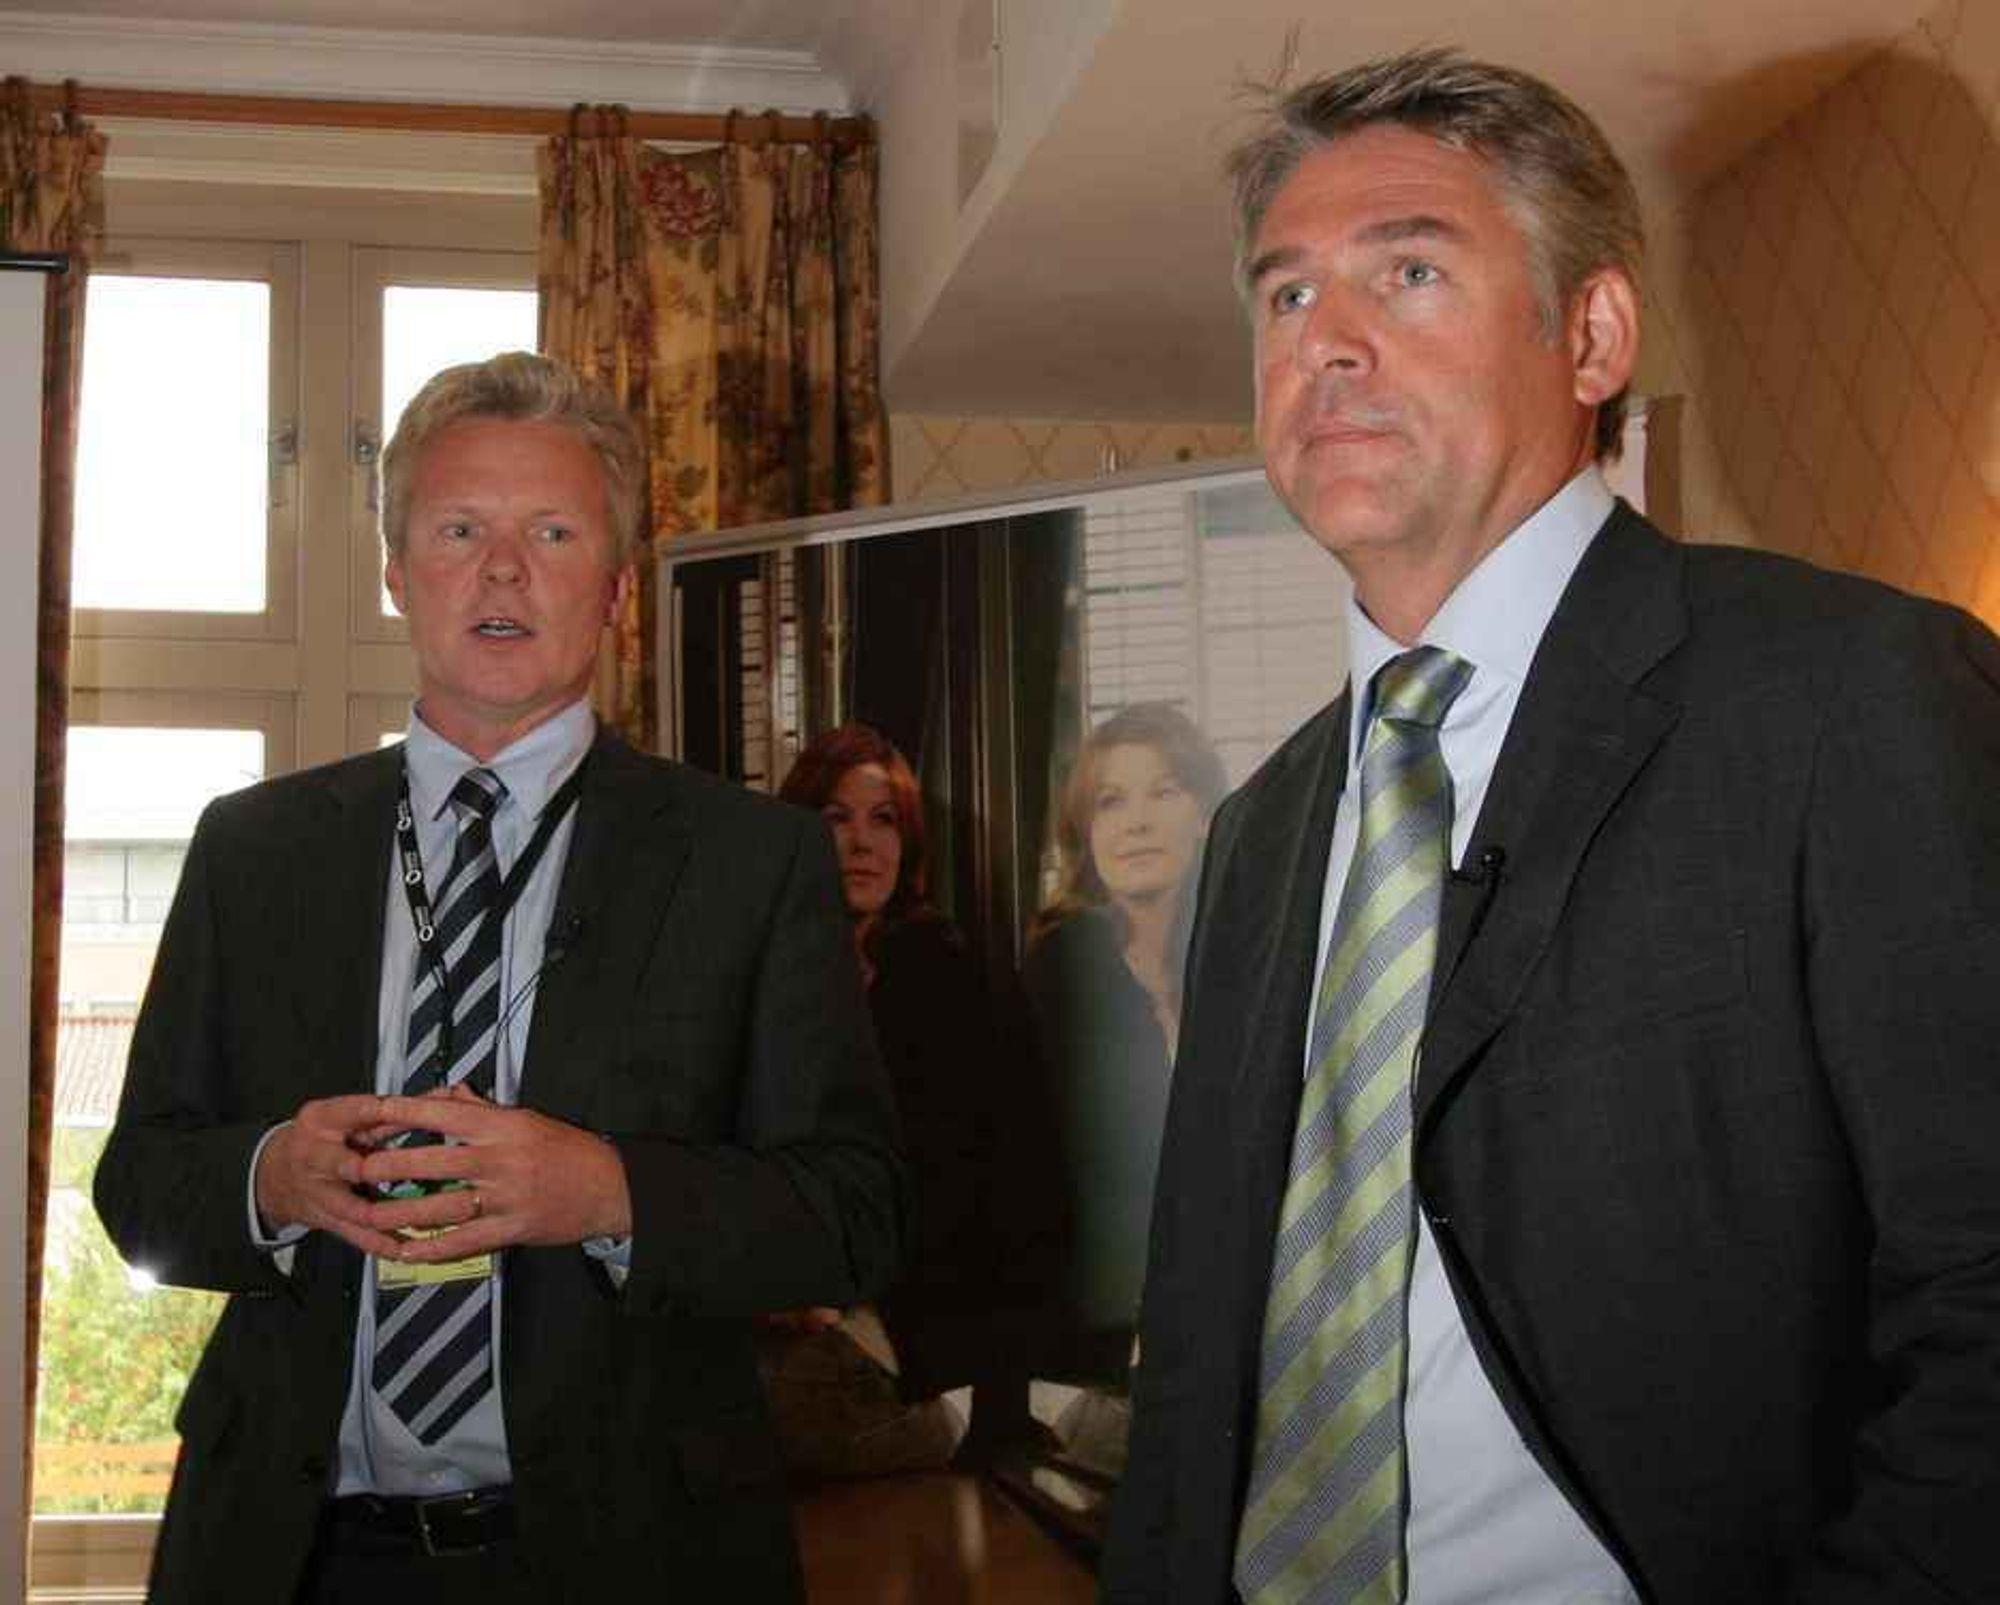 SAMMEN OFFENTLIG: Terje Mjøs og Olav Folkestad under pressekonferansen som nå pågår i Tønsberg.